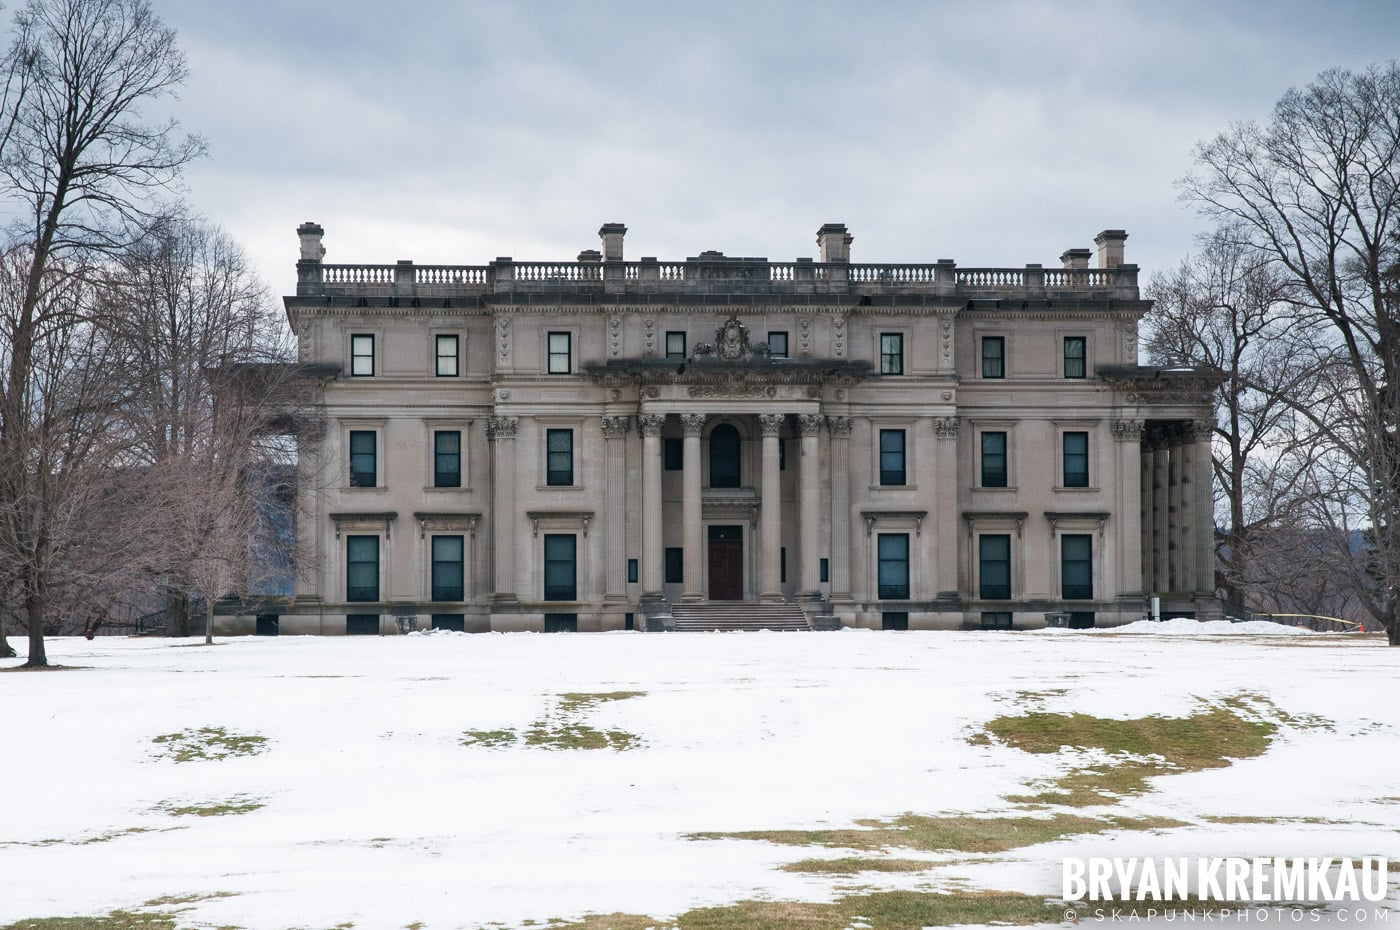 Valentine's Day Trip @ Rhinebeck, FDR's Home, Vanderbilt, Wilderstein Historic Site, NY - 2.14.10 (26)